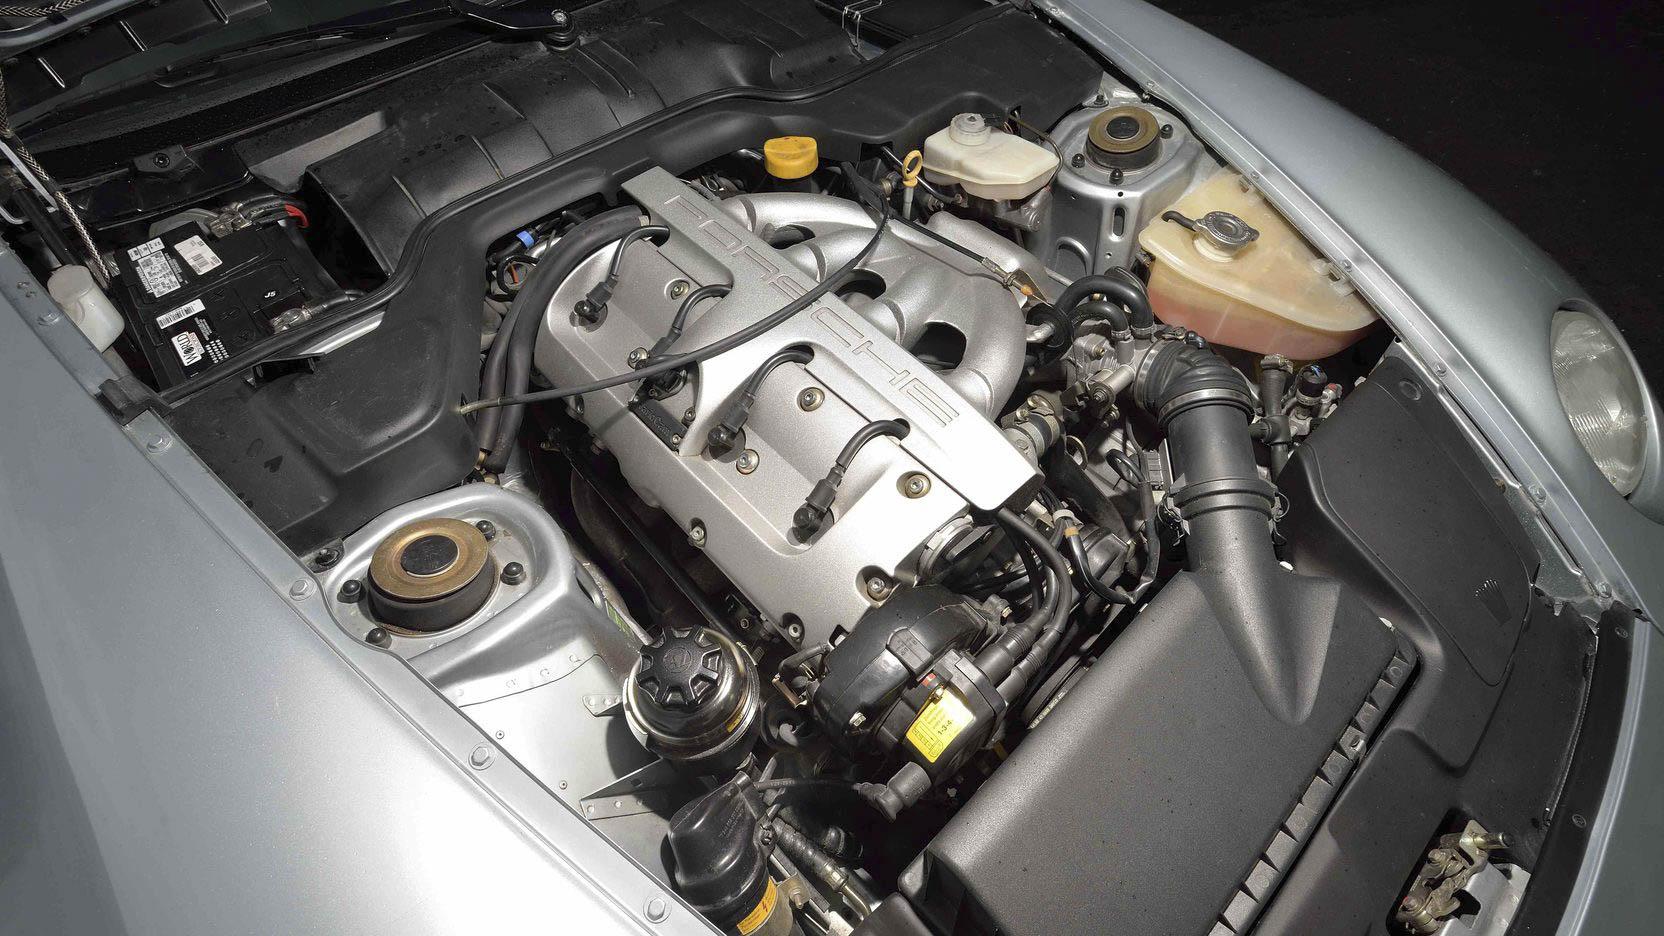 1992 Porsche 968 engine